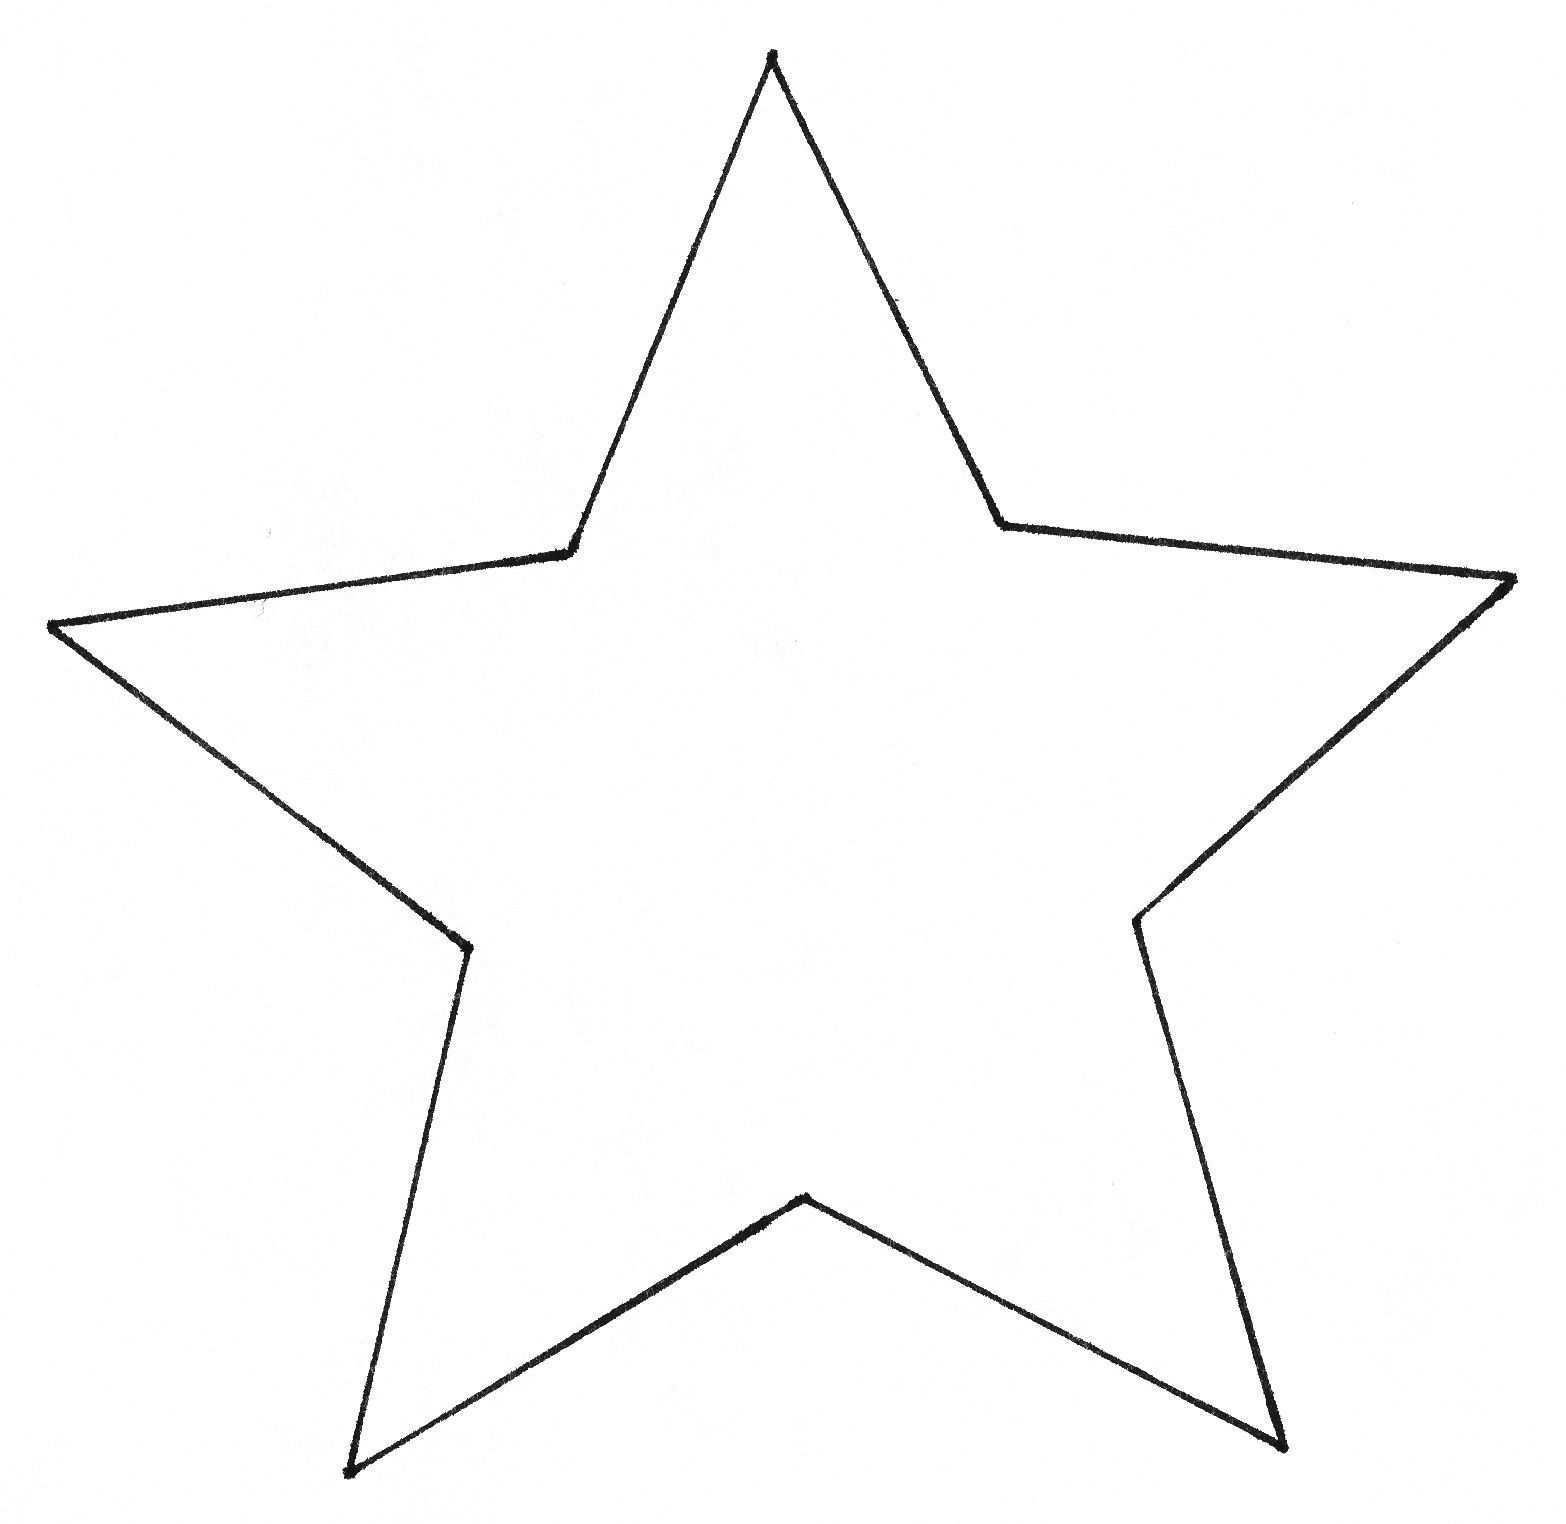 Http Cyly Eu Img 2014 02 Figurinen Vorlagen Kostenlos Jpg Stern Vorlage Sterne Zum Ausdrucken Sterne Basteln Mit Kindern Vorlage Stern